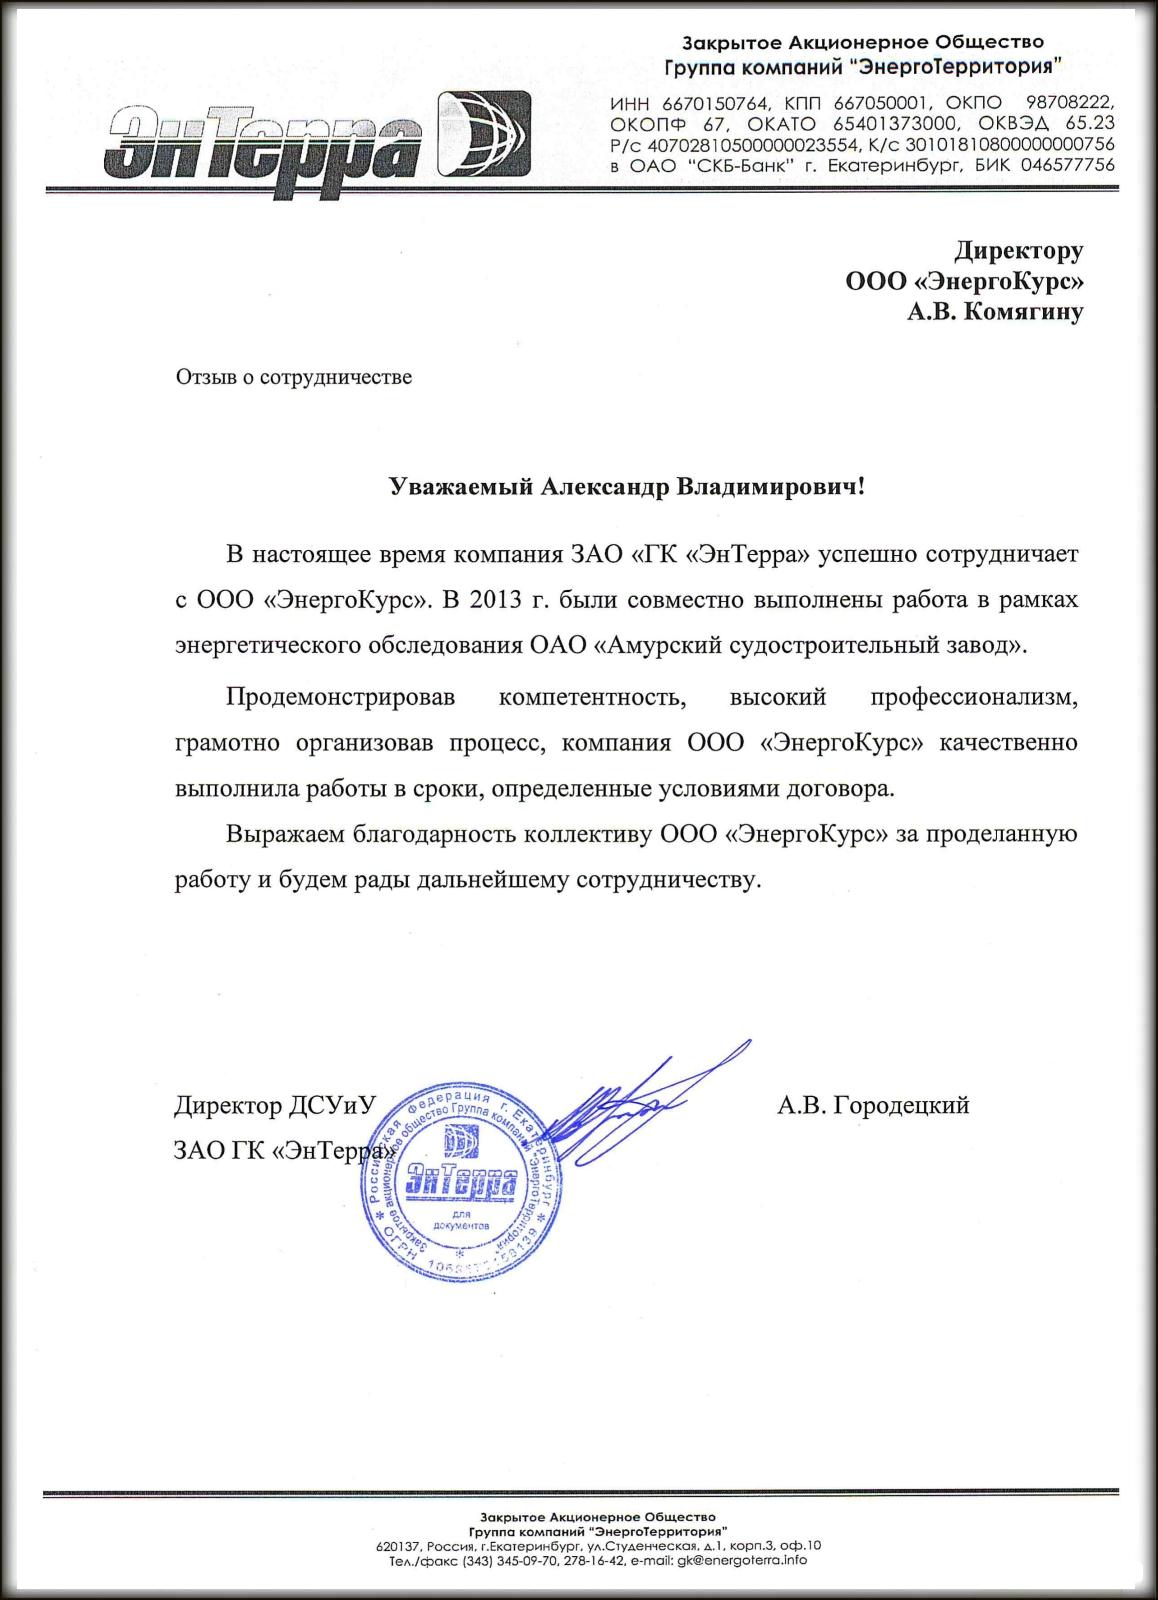 Столовая Сельхозтехники - Ирбит, Свердловская обл.